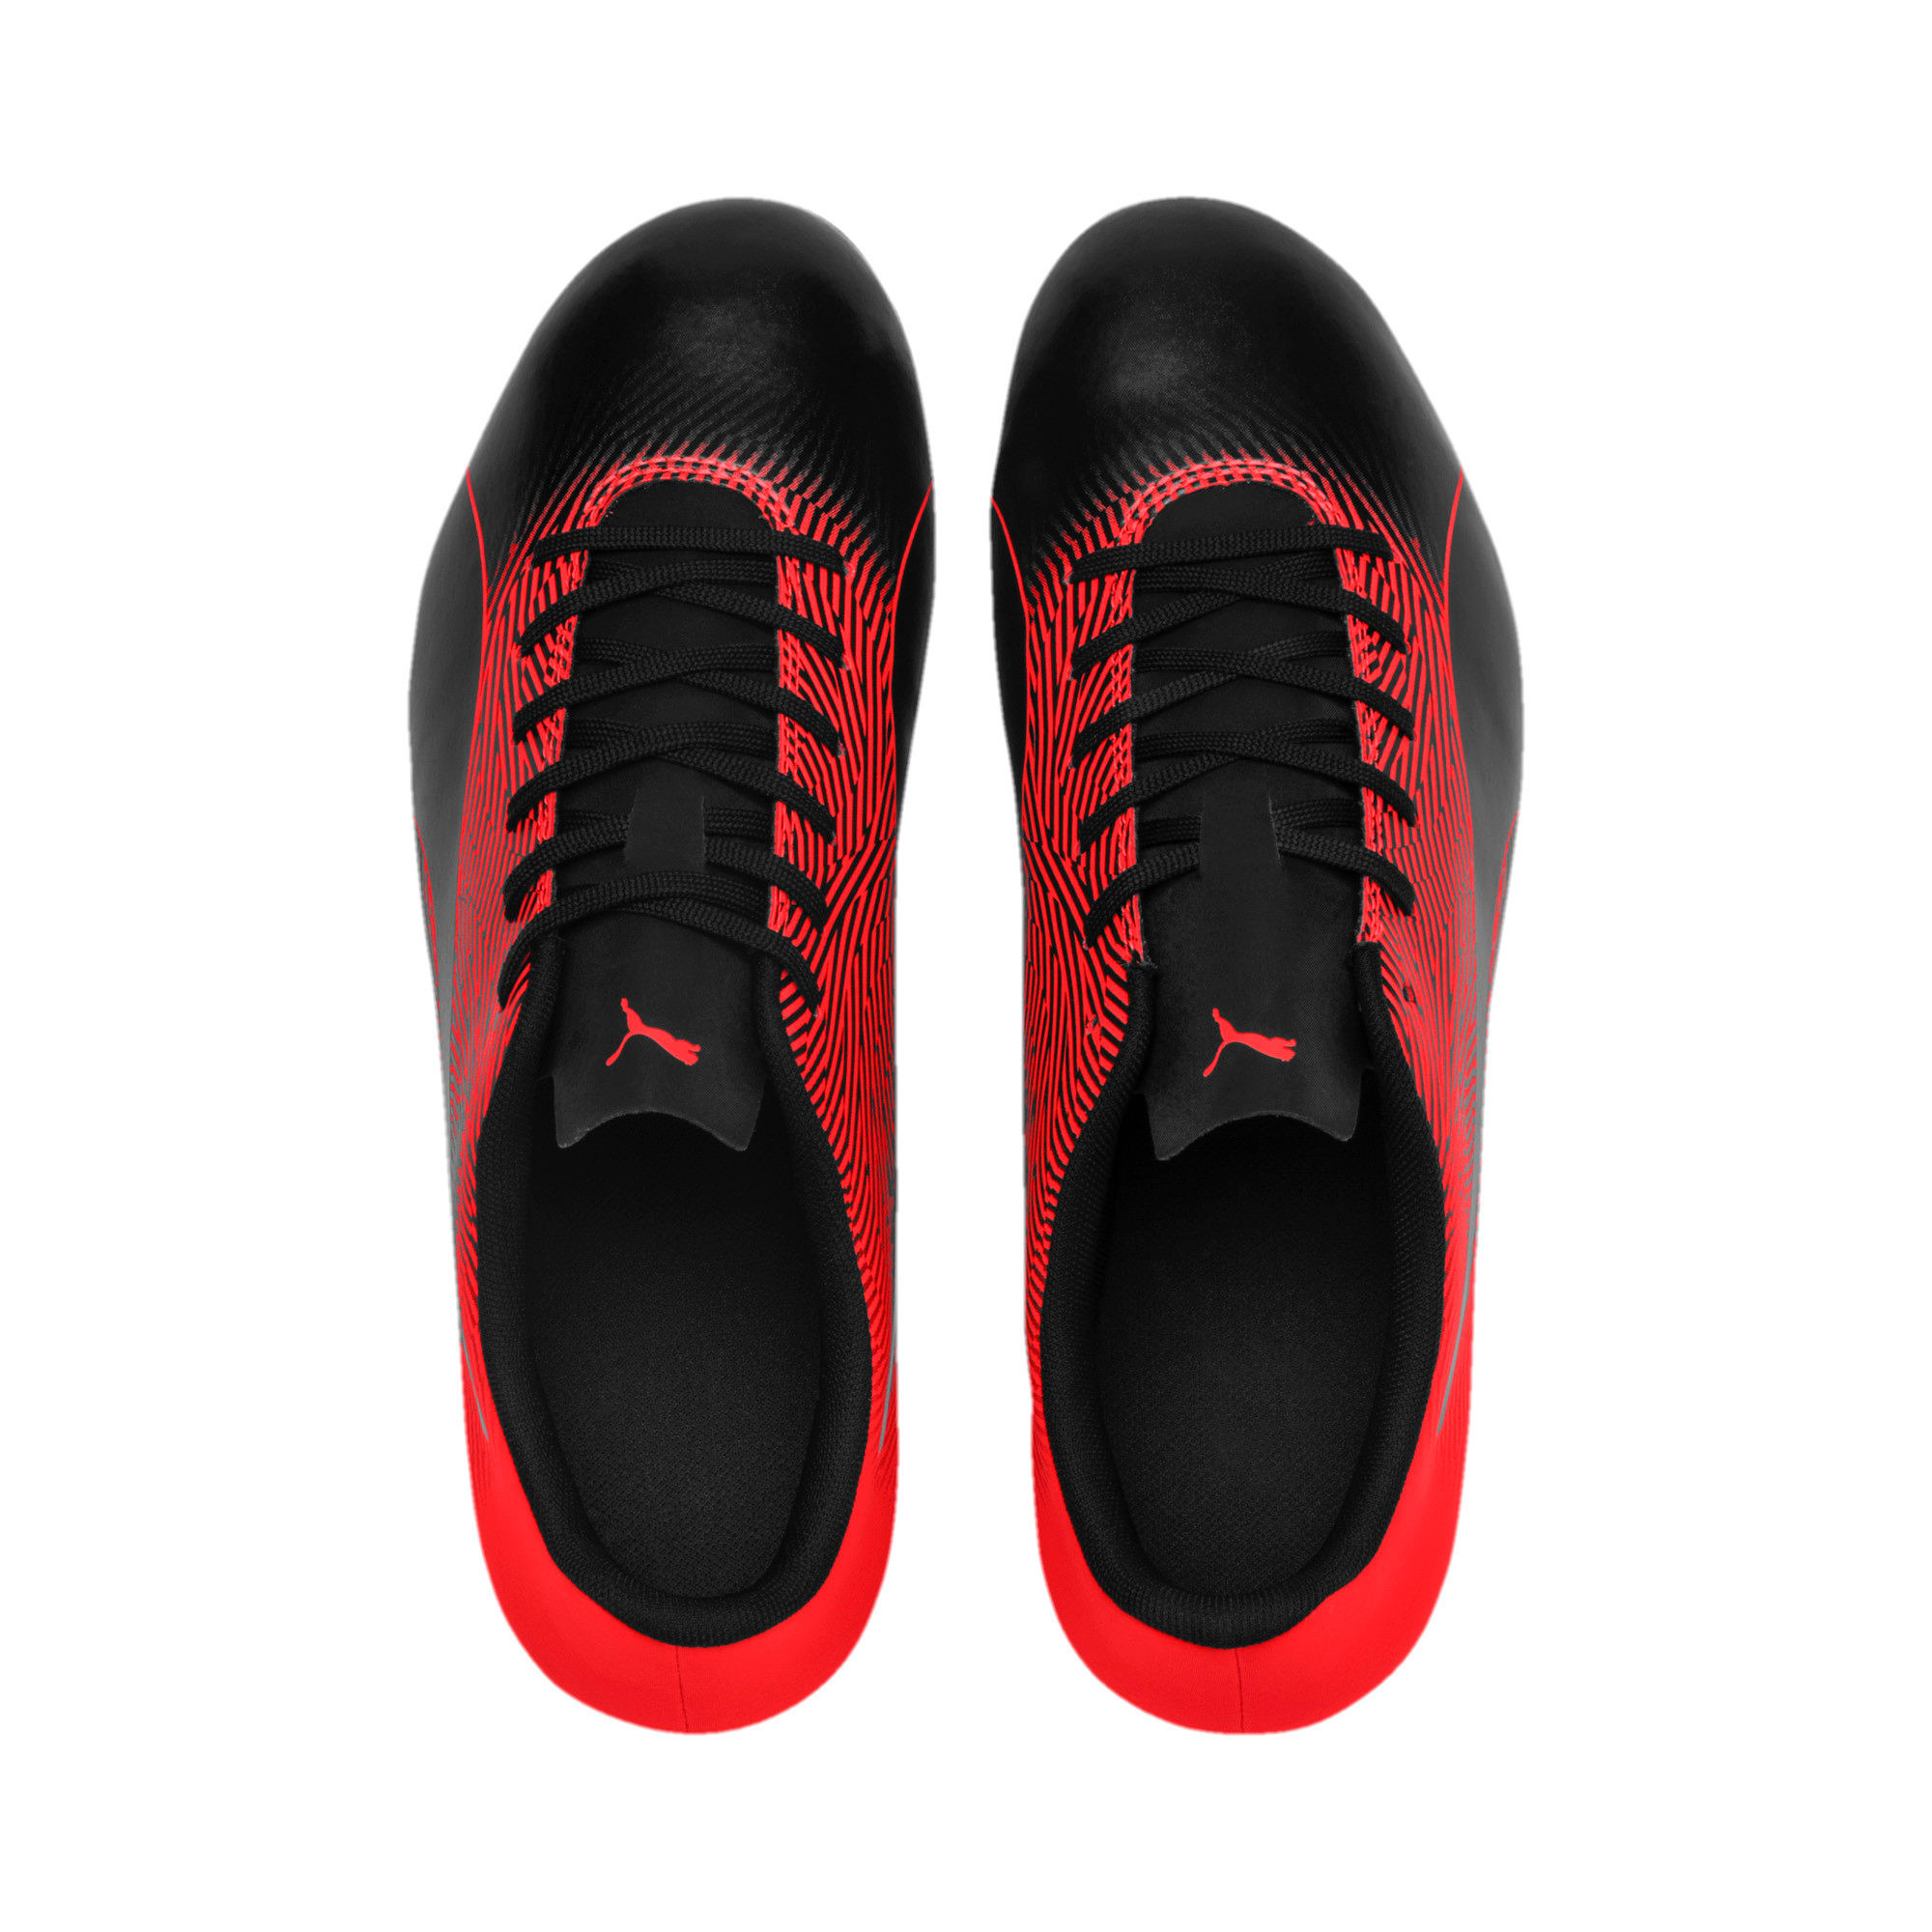 Miniatura 6 de Botines de fútbol PUMA Spirit II FG para hombre, Puma Black-Red Blast, mediano